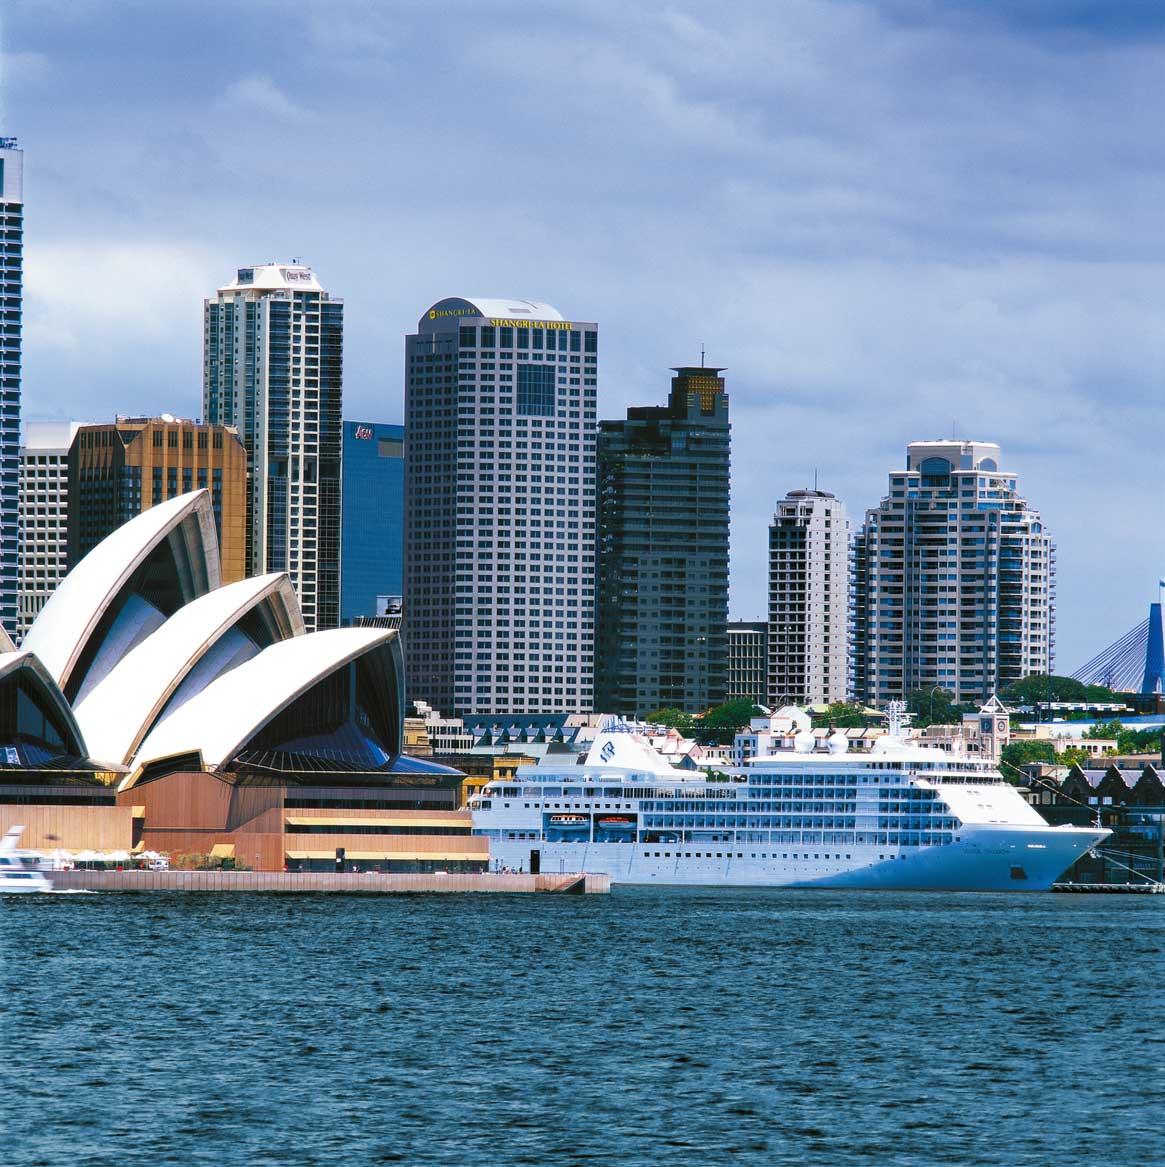 Die Skyline und das Opernhaus von Sydney